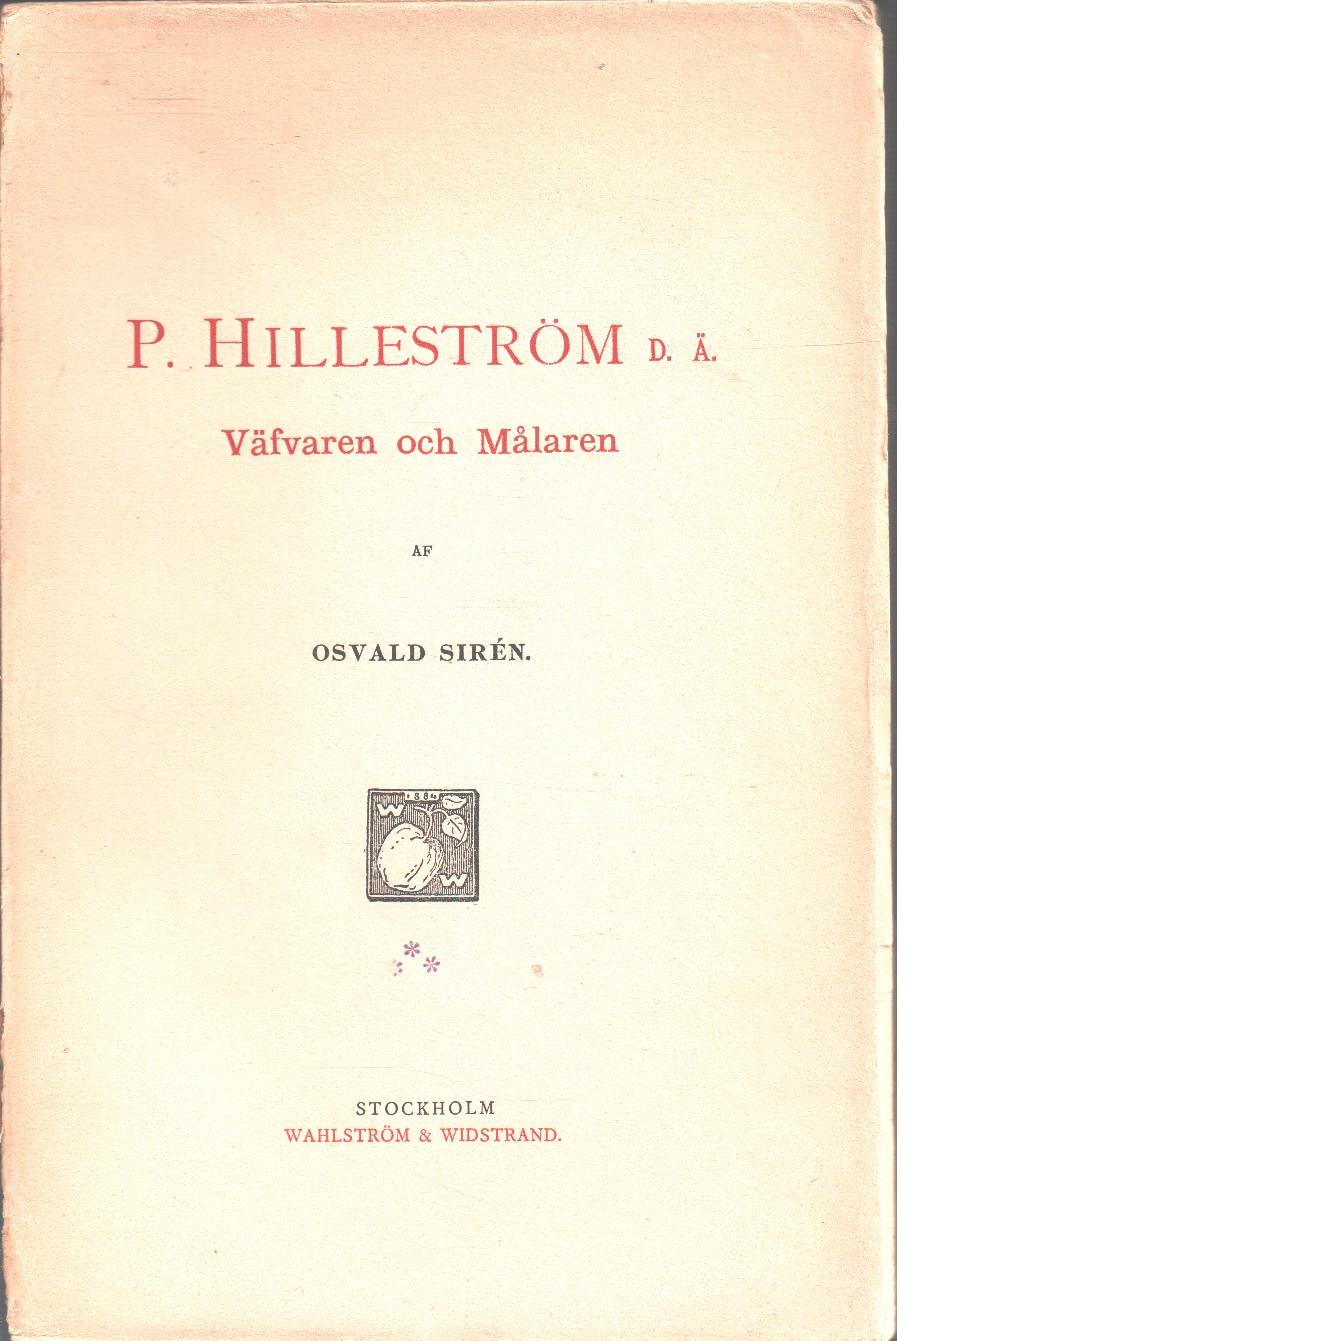 Pehr Hilleström D. Ä. : väfvaren och målaren, hans lif och hans värk - Sirén, Osvald  och Hilleström, Pehr